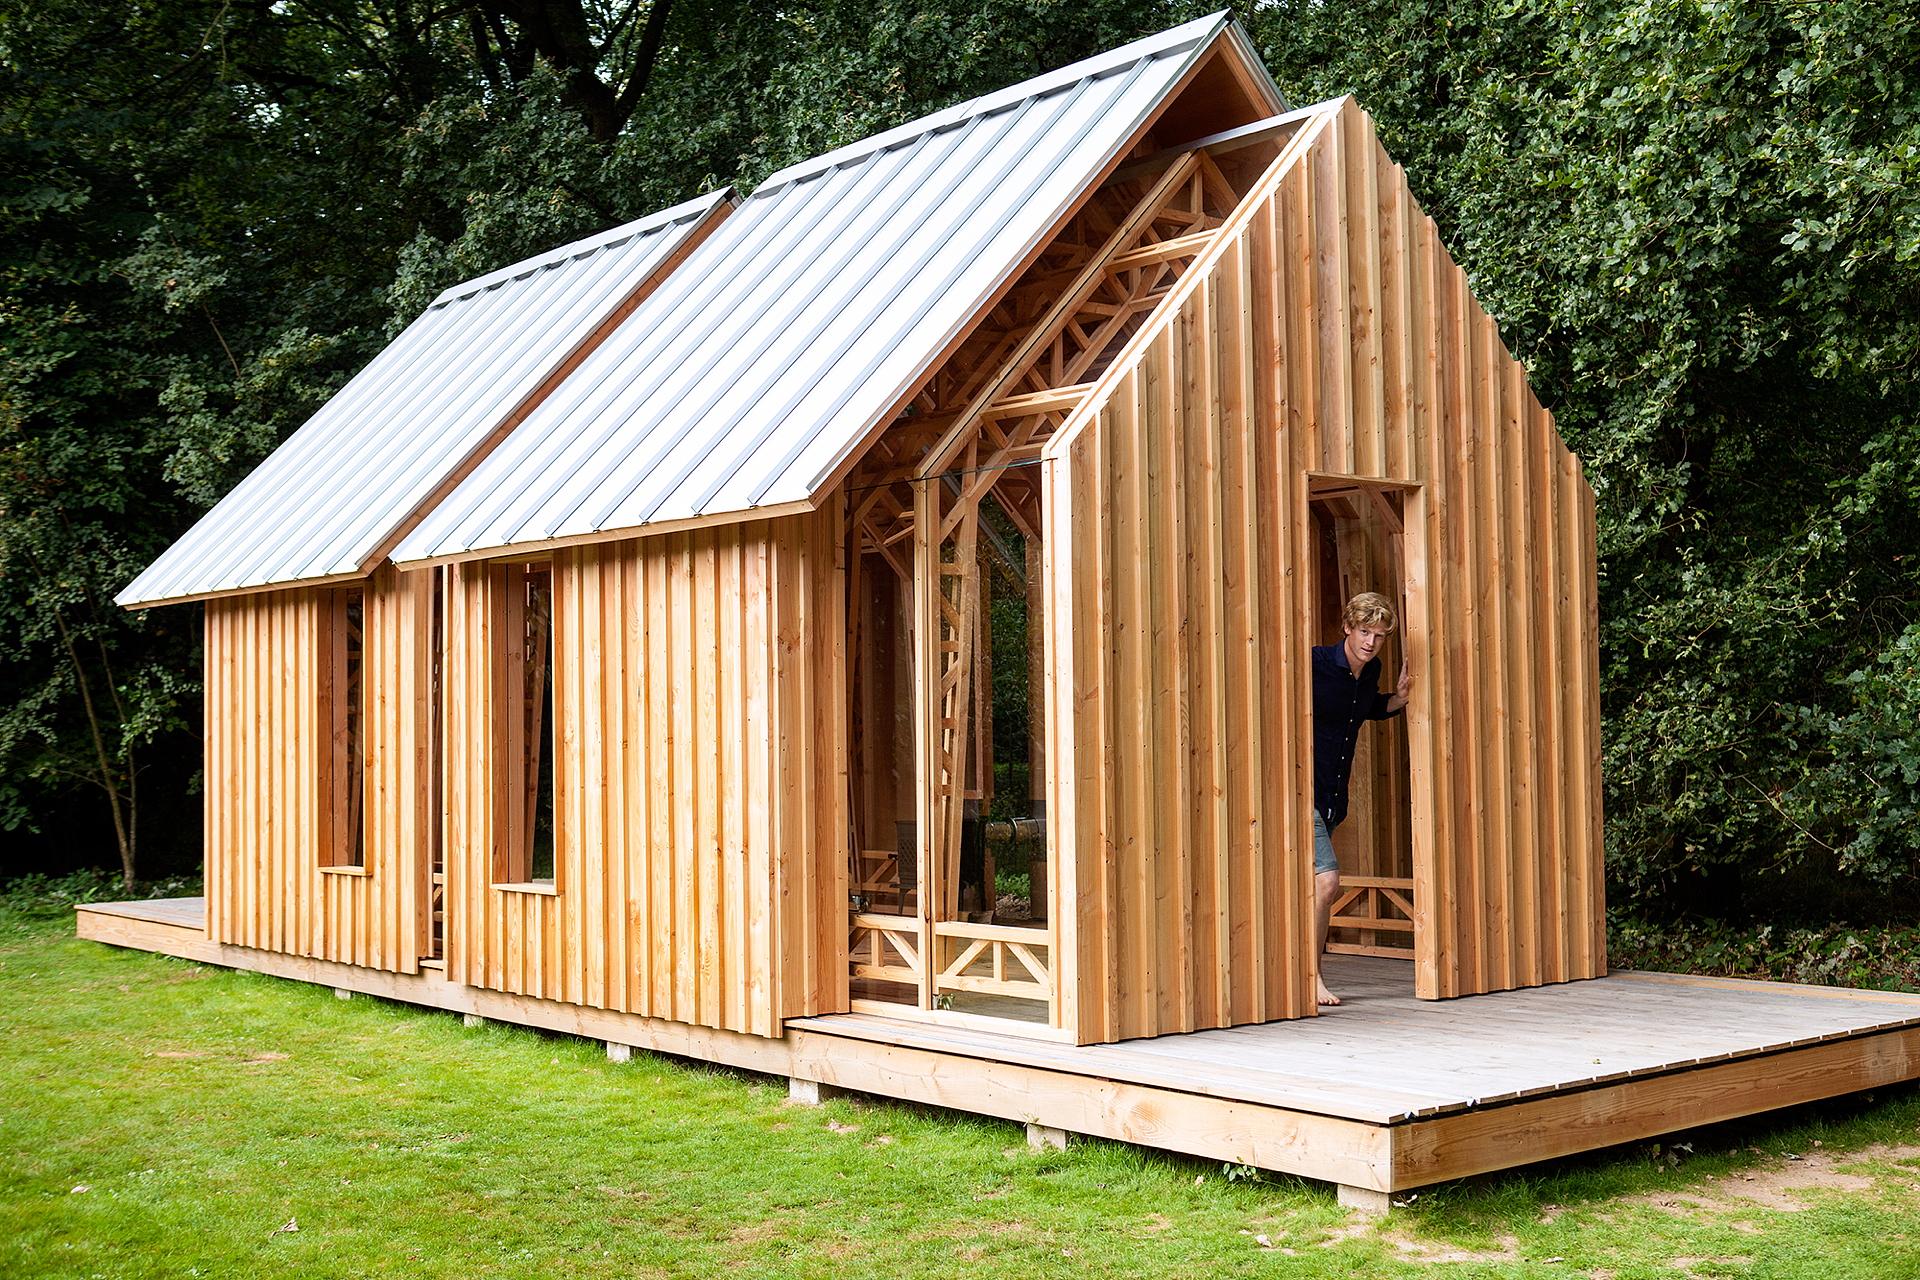 Giardino Di Una Casa una casa in giardino di caspar schols   livegreenblog